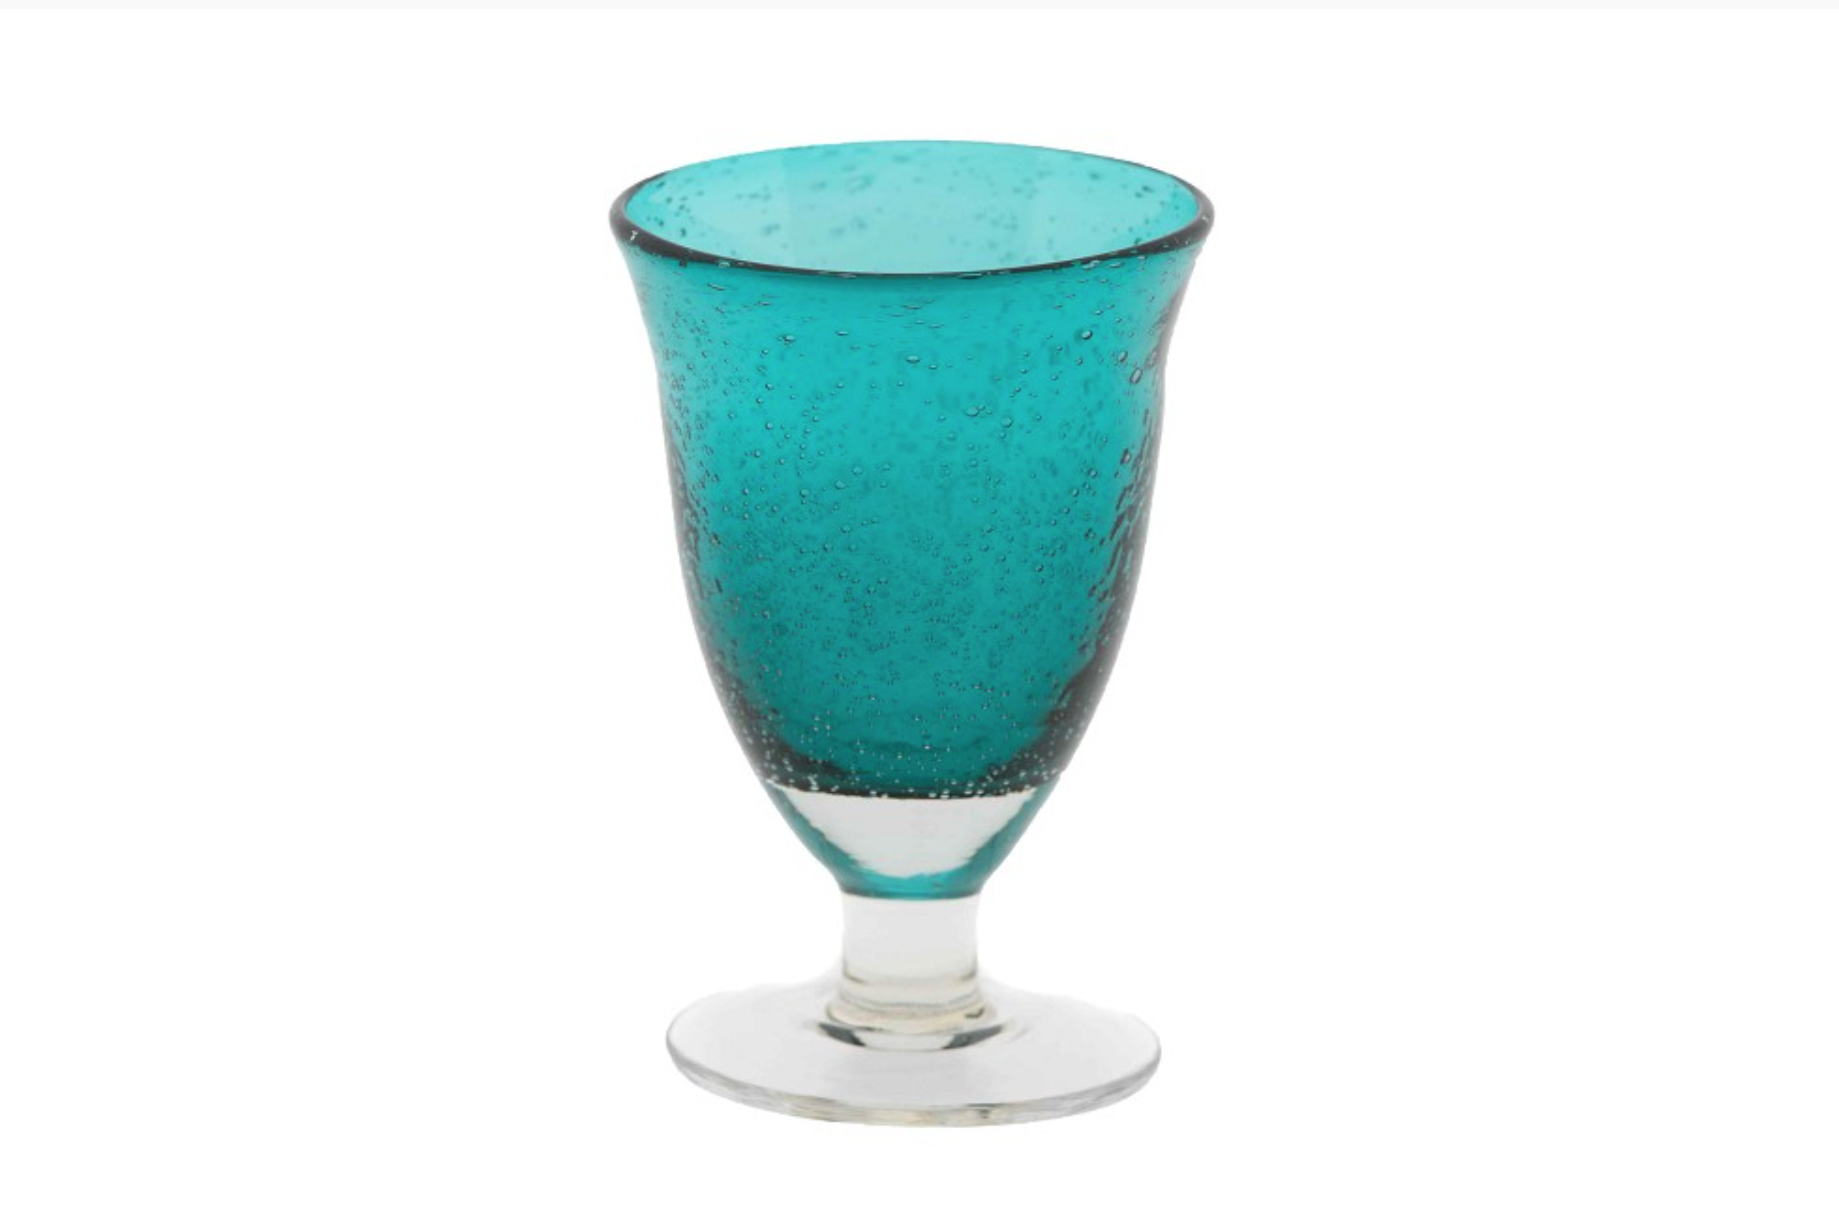 DutZ Trinkglas Teal - 4/ 6/ 8 Stück